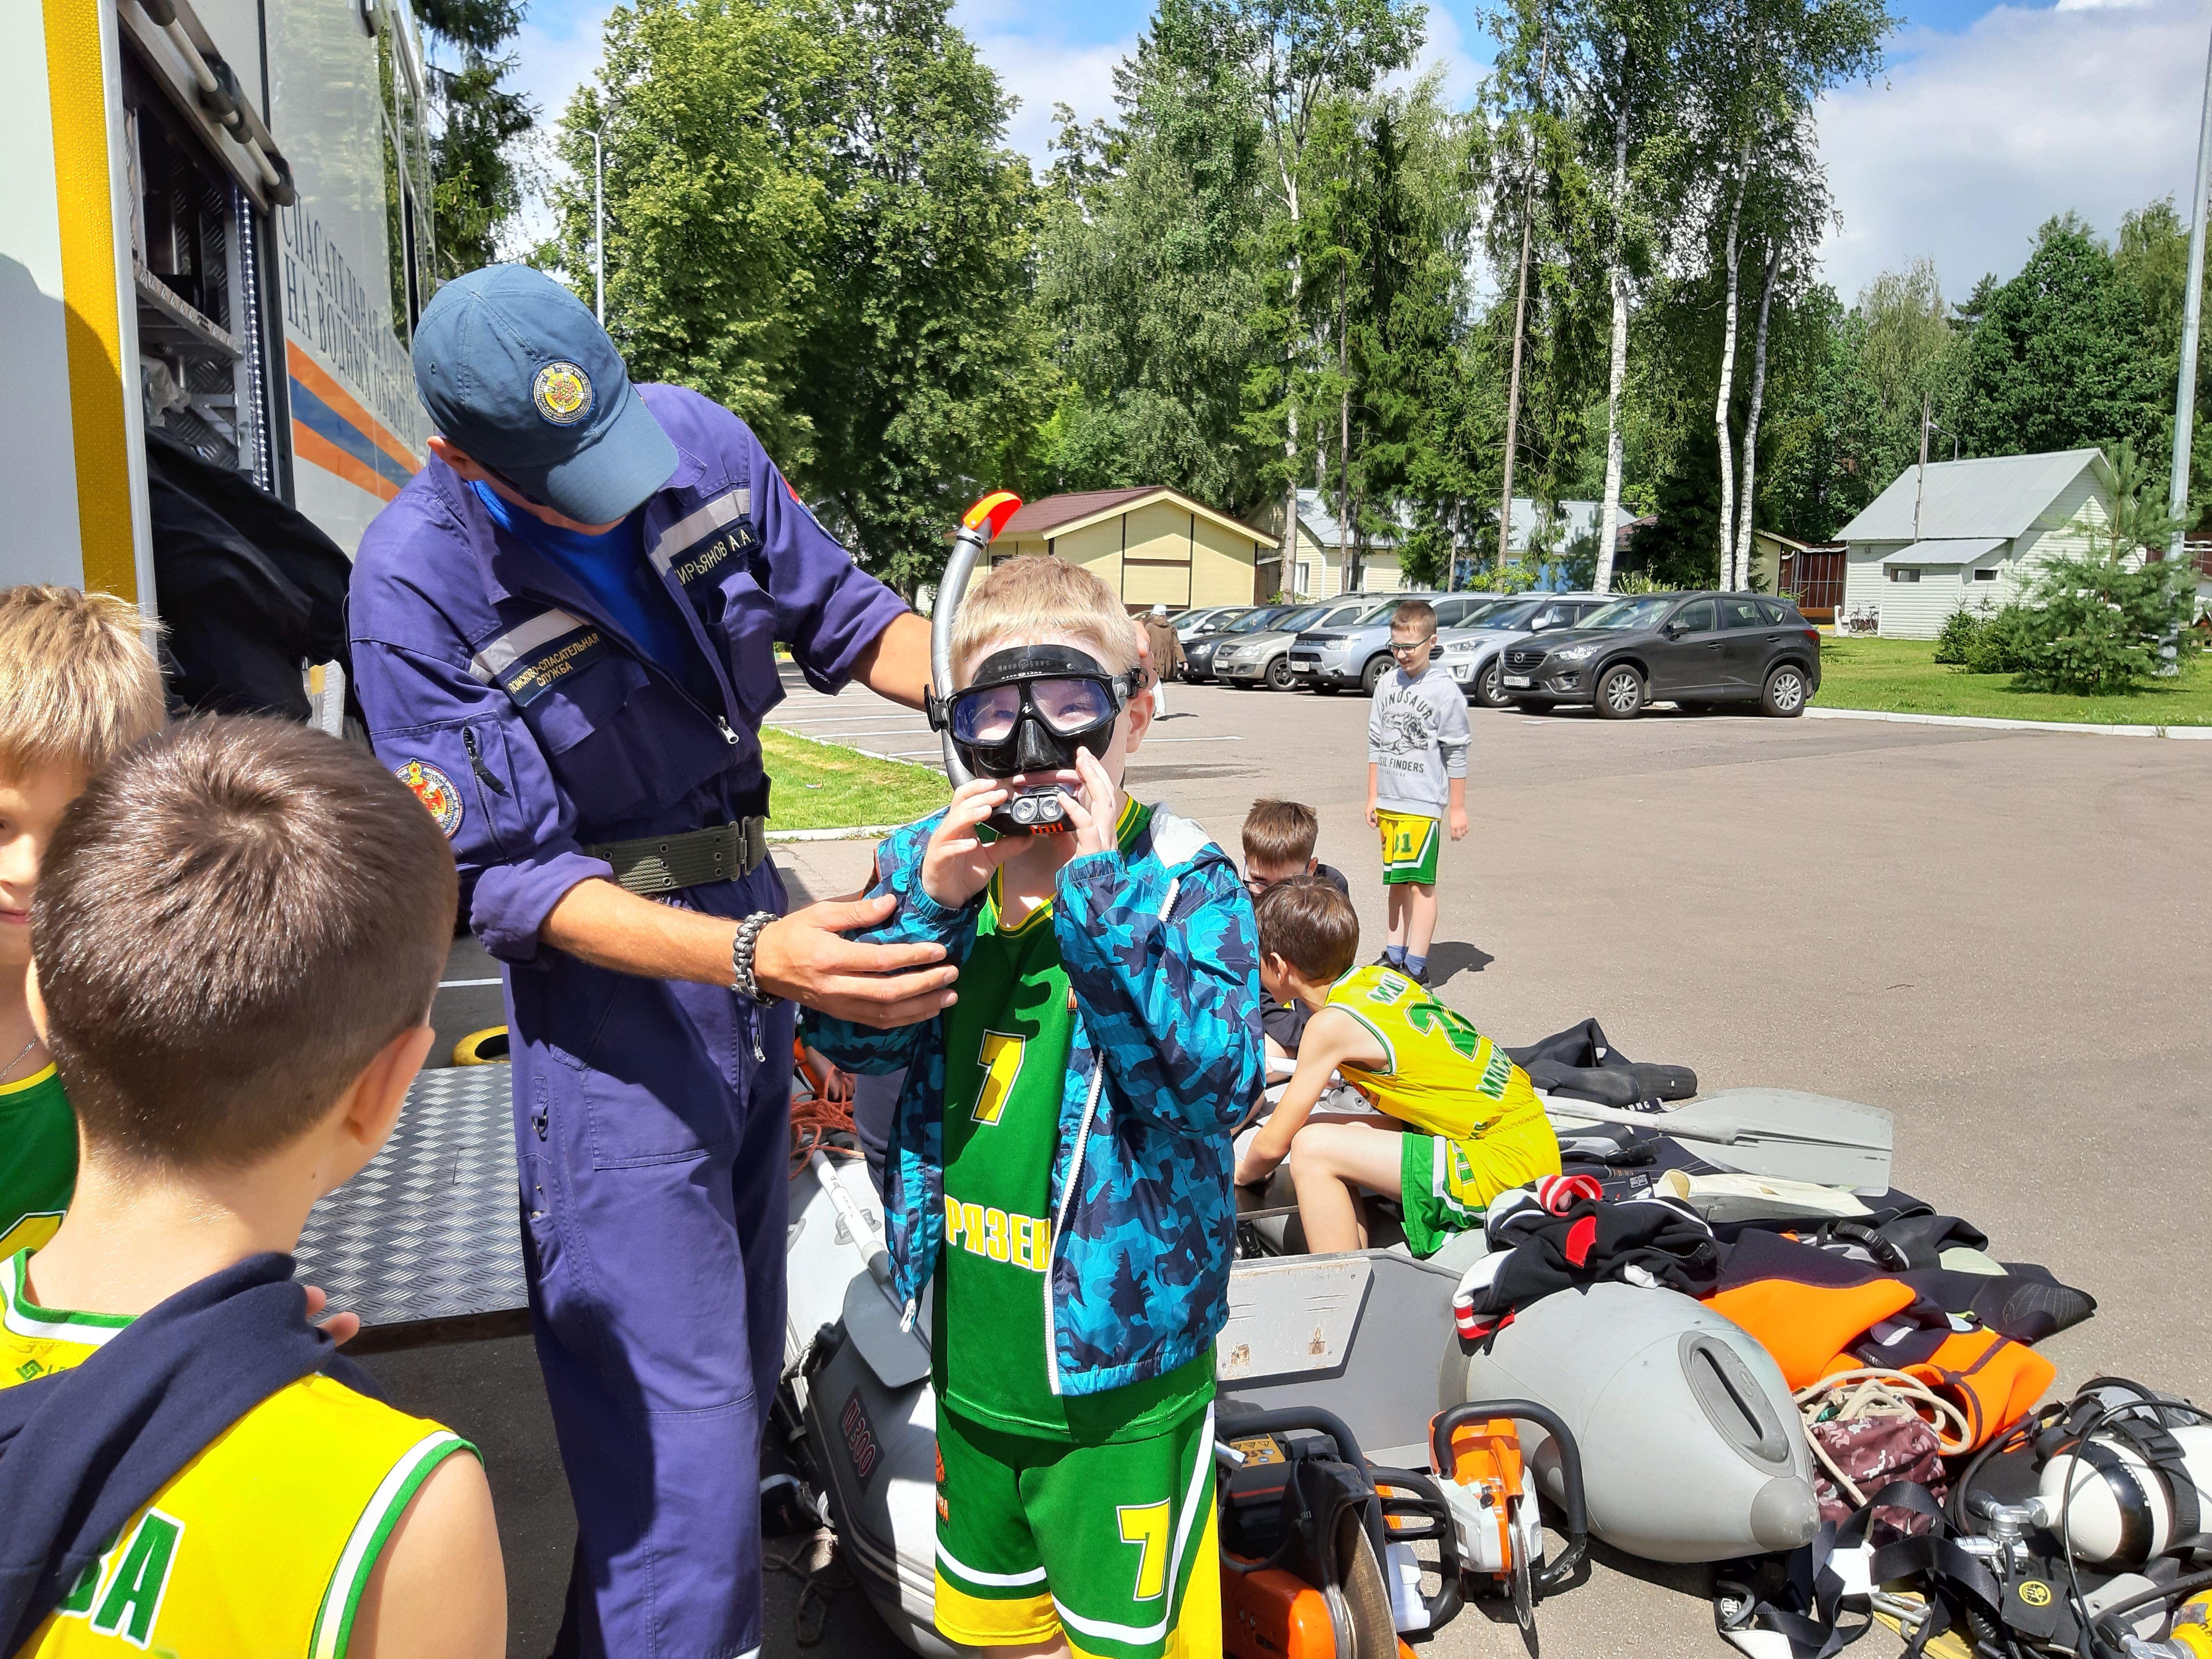 Московские спасатели провели масштабную акцию «Научись спасать жизнь!»